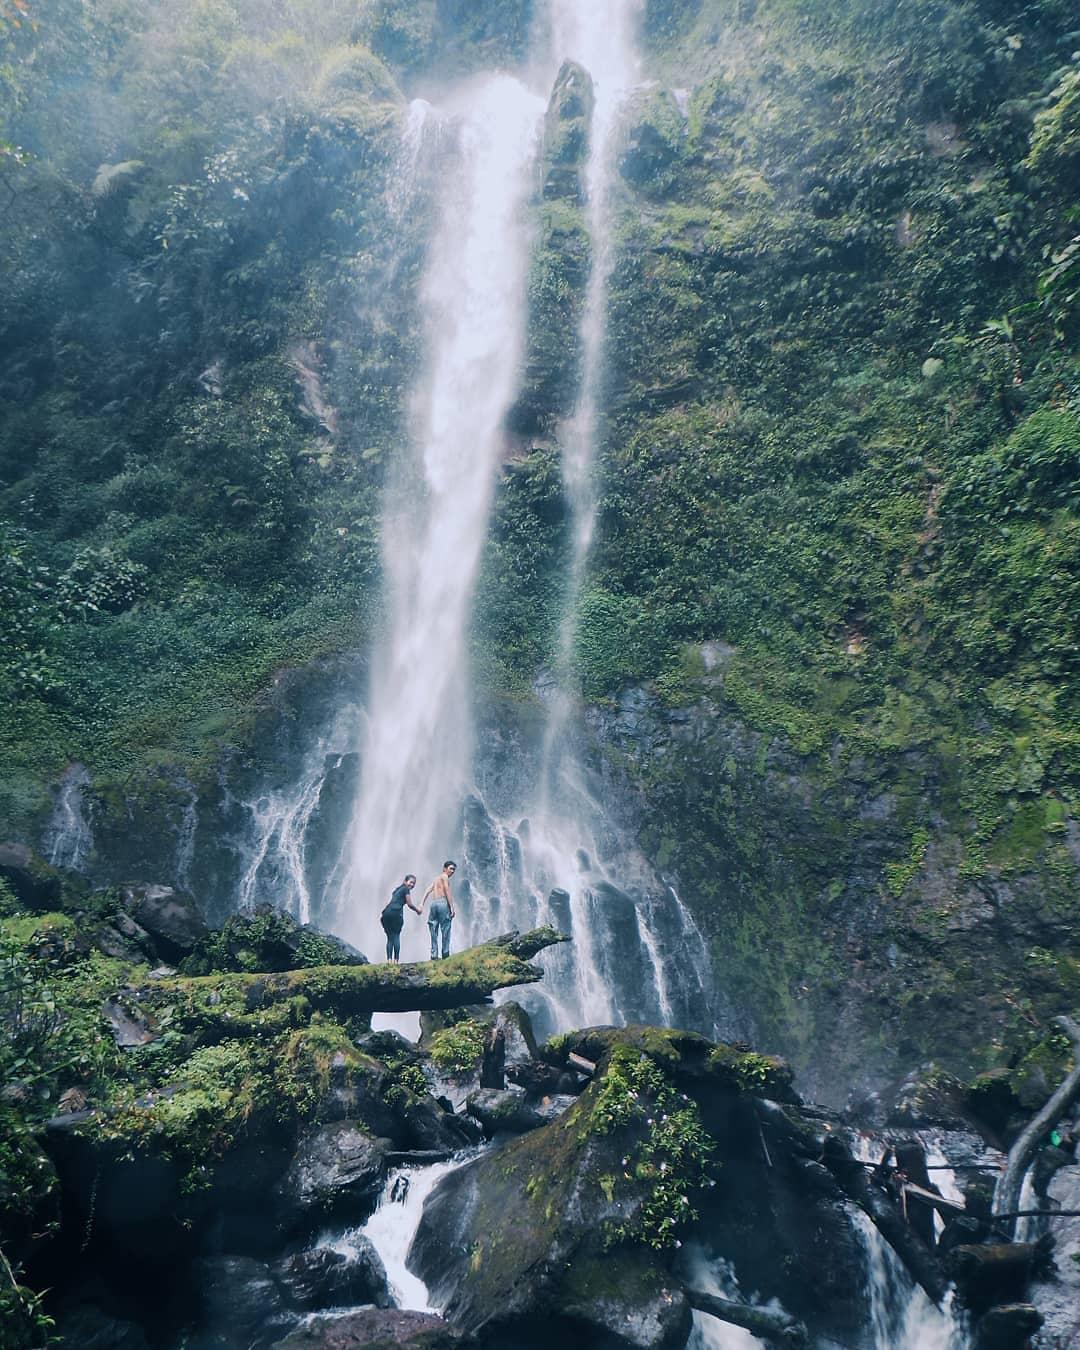 6 Tempat Wisata Yang Menarik Dikunjungi Di Kepahiang - Pariwisataku